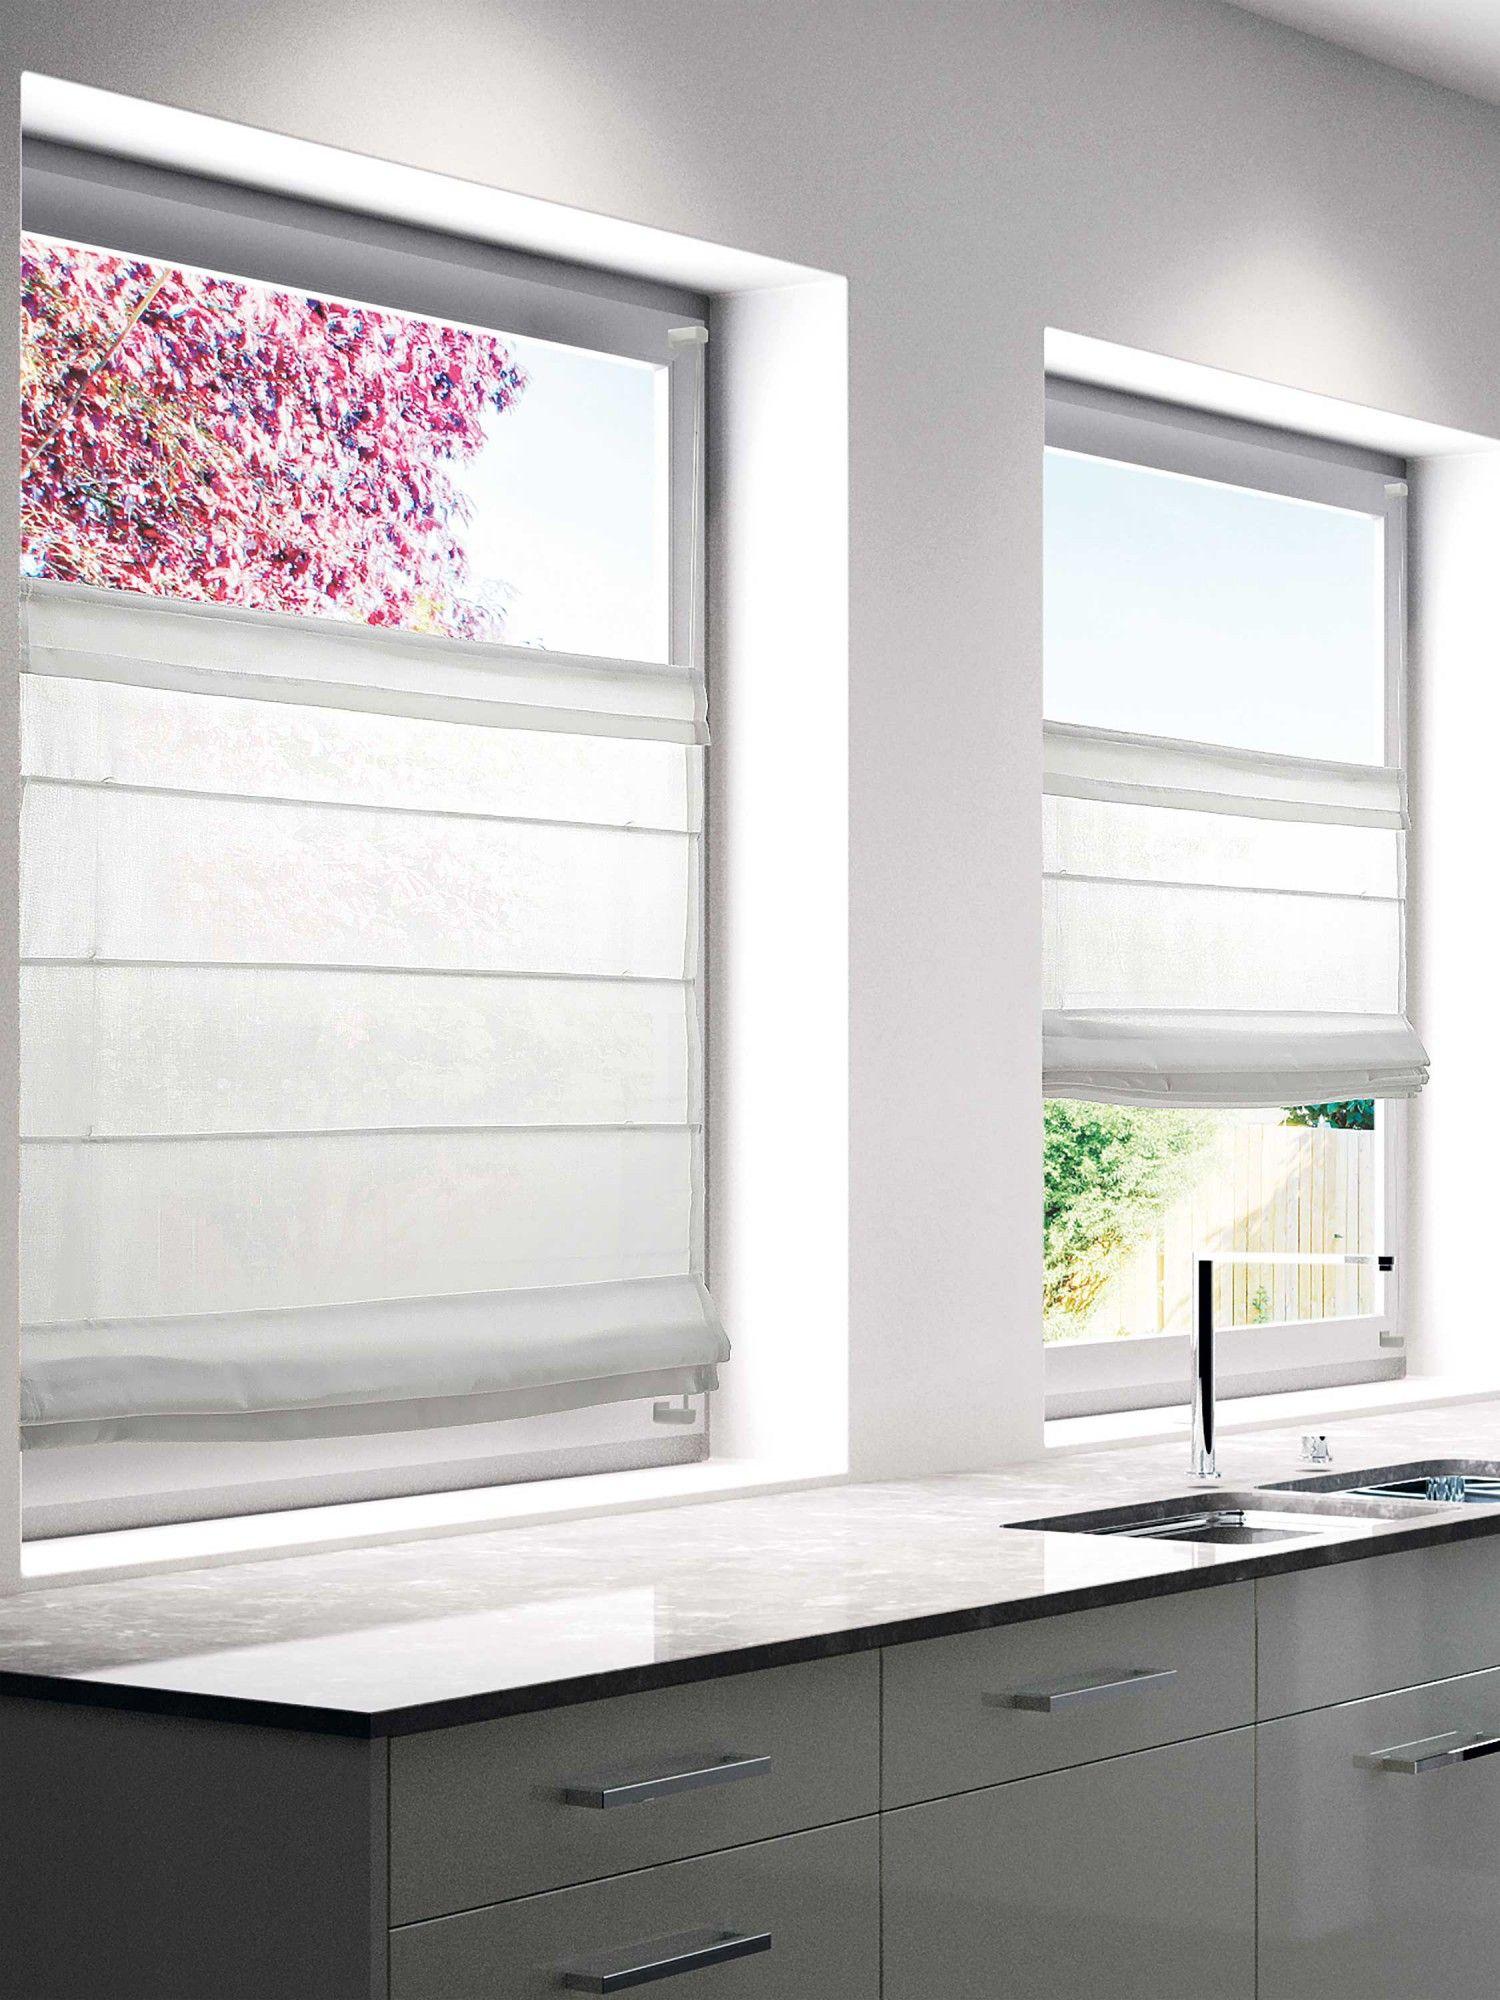 Full Size of Sichtschutz Fenster Window Covering Ideas Kchenfenster Gardinen Sonnenschutz Für Zwangsbelüftung Nachrüsten Drutex Mit Rolladen Tauschen Plissee Fenster Sichtschutz Fenster